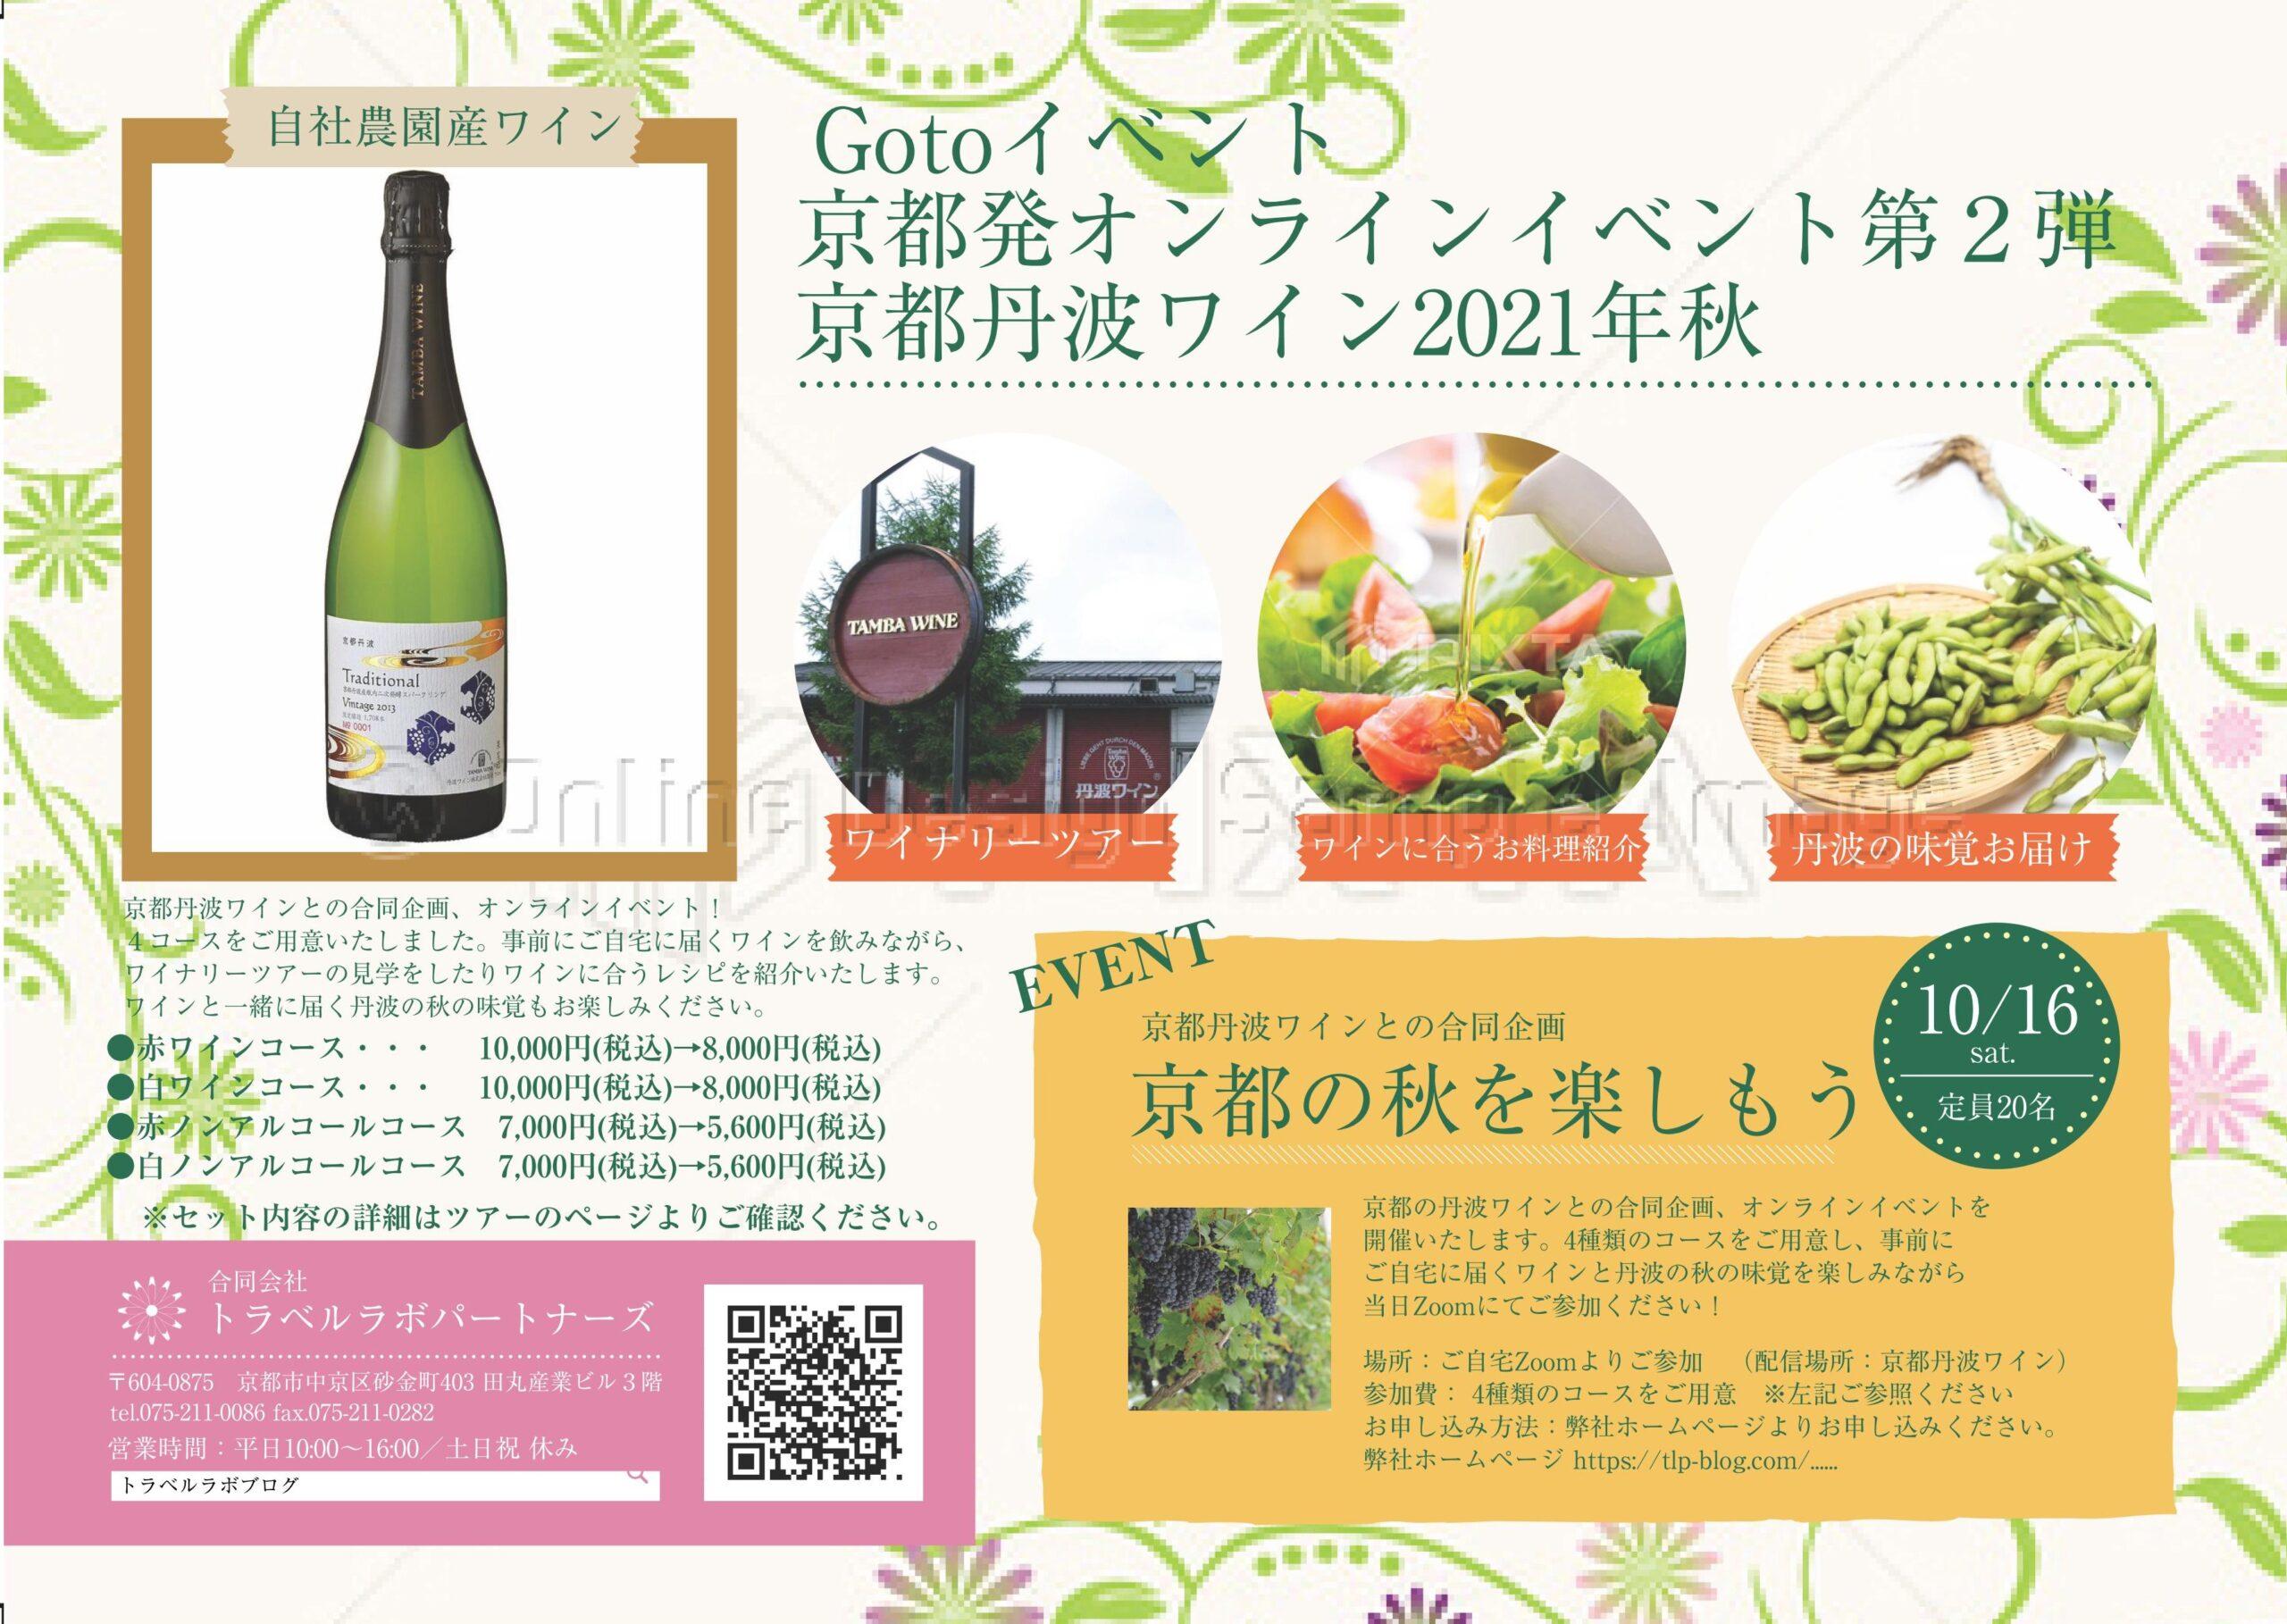 京都発オンラインツアー第二弾!京都 丹波ワインを味わうワイナリーツアー